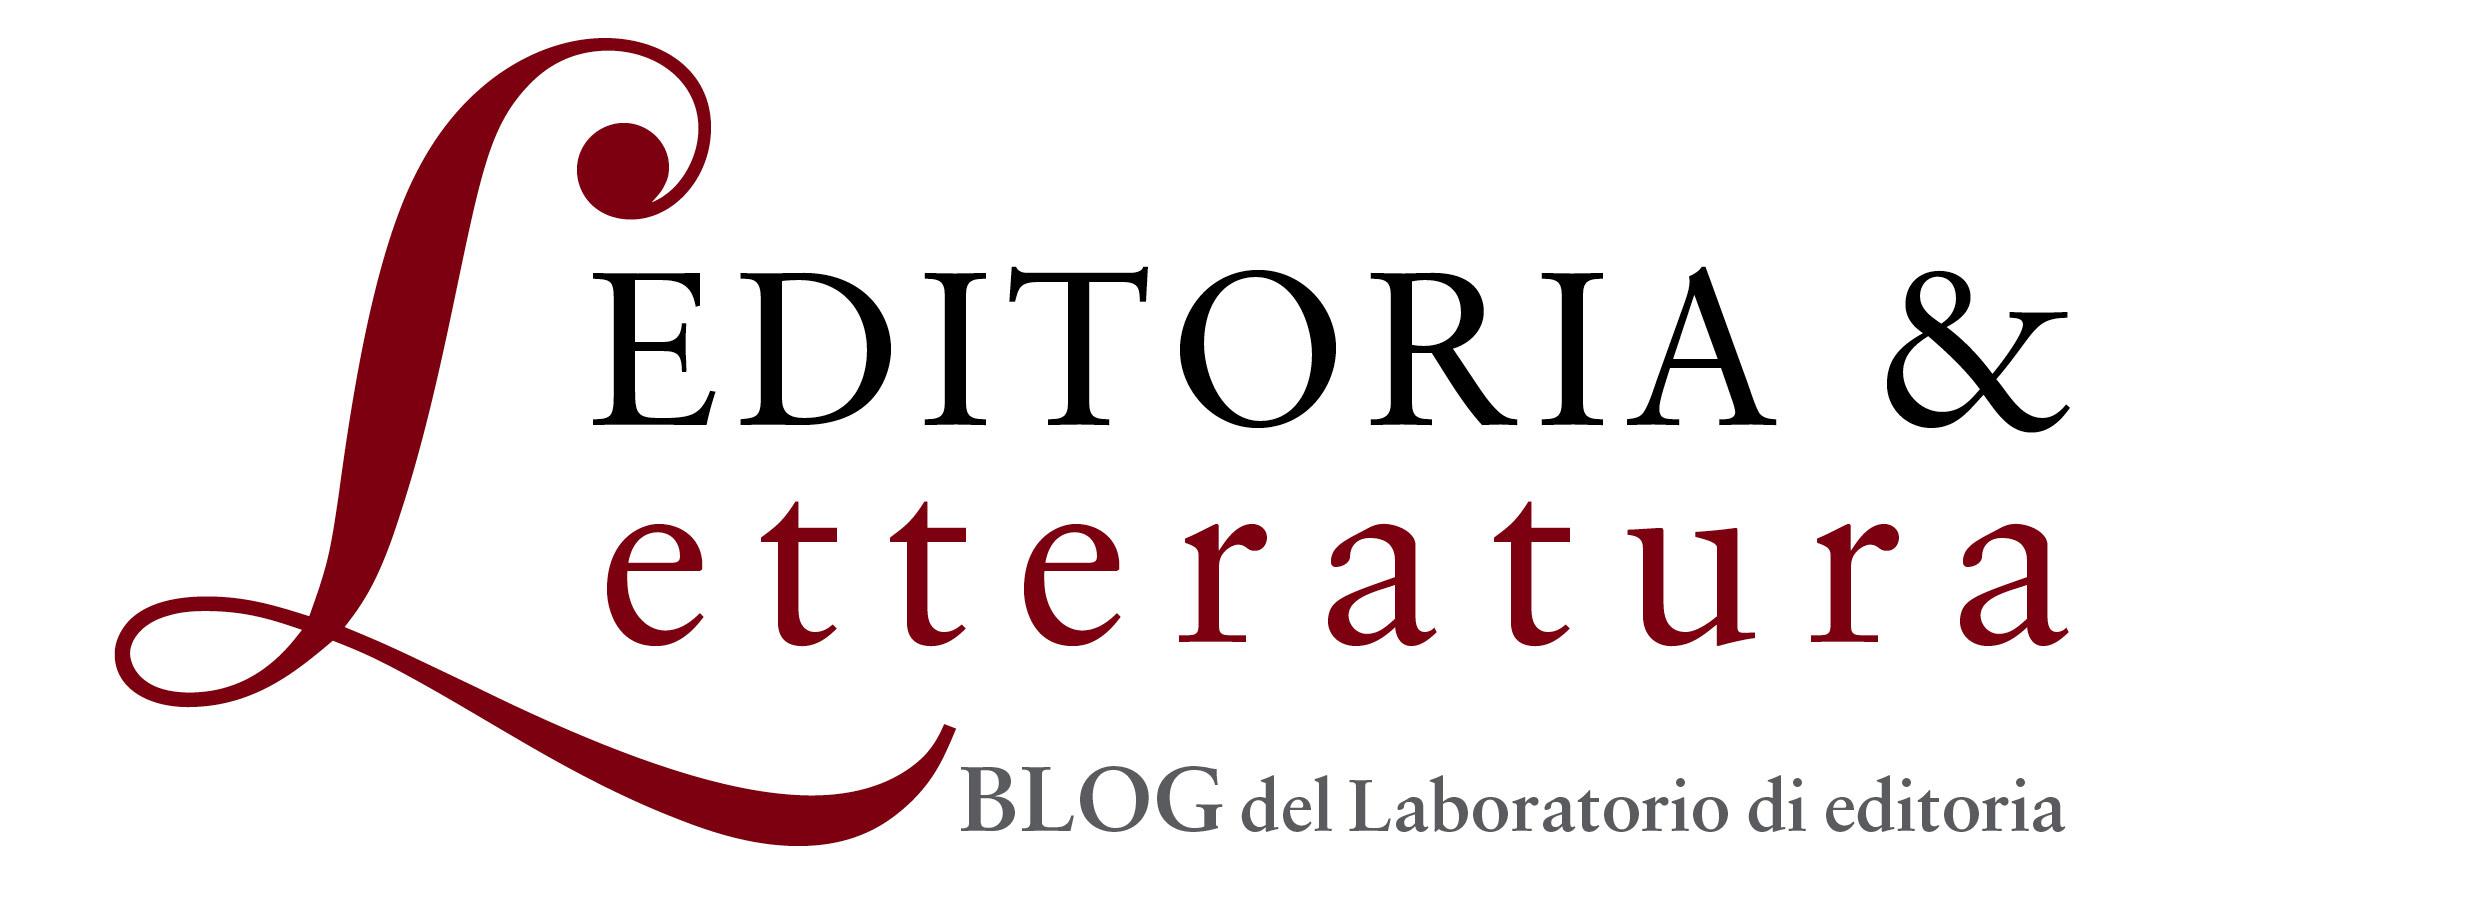 Editoria & Letteratura